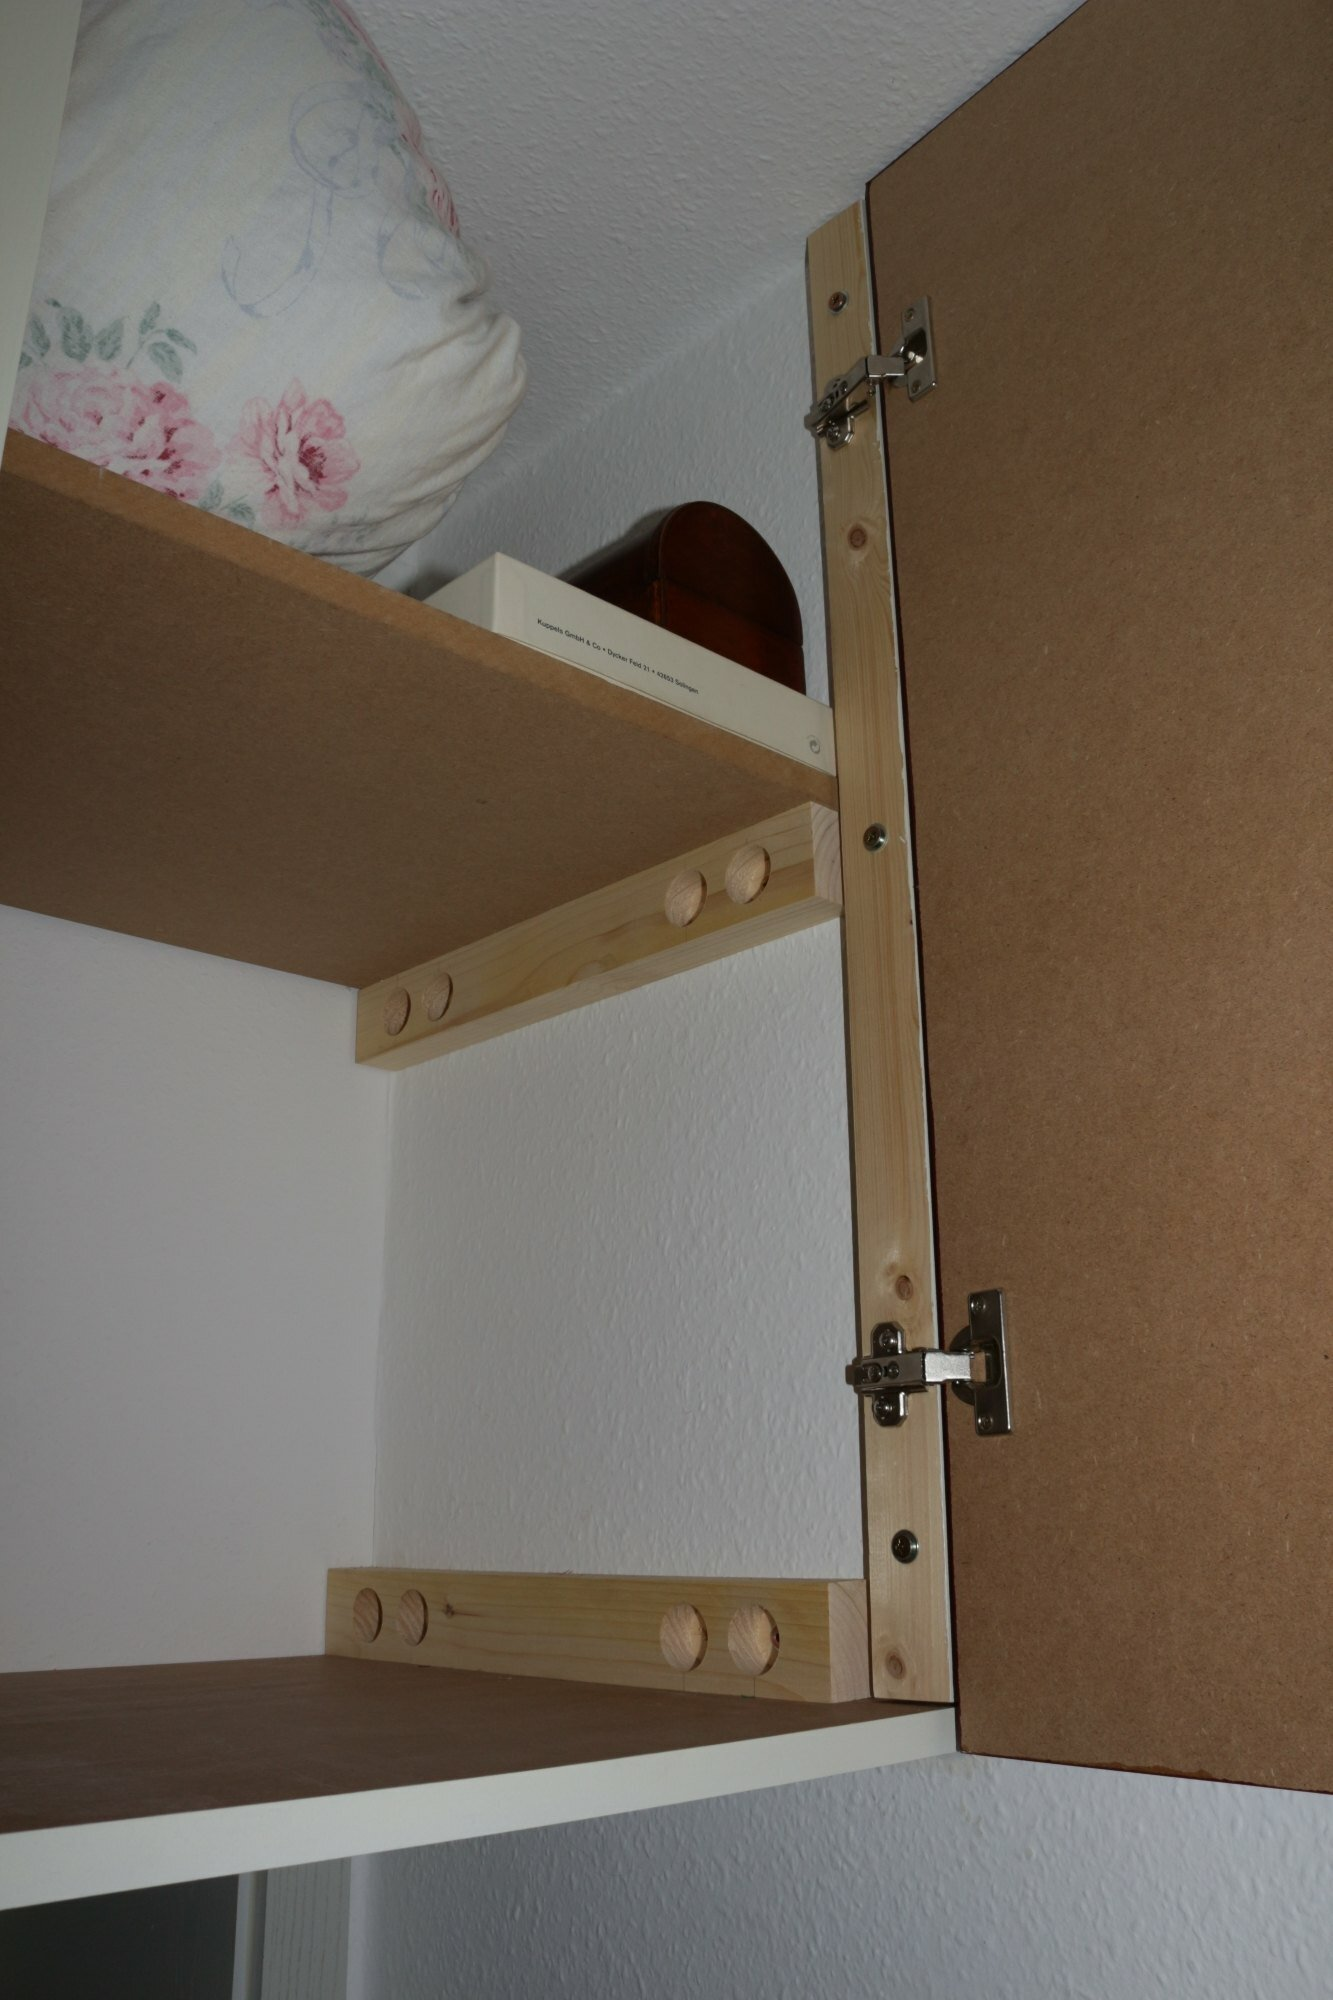 hoch hinaus oder wie baut man einen schrank mit nur 3. Black Bedroom Furniture Sets. Home Design Ideas